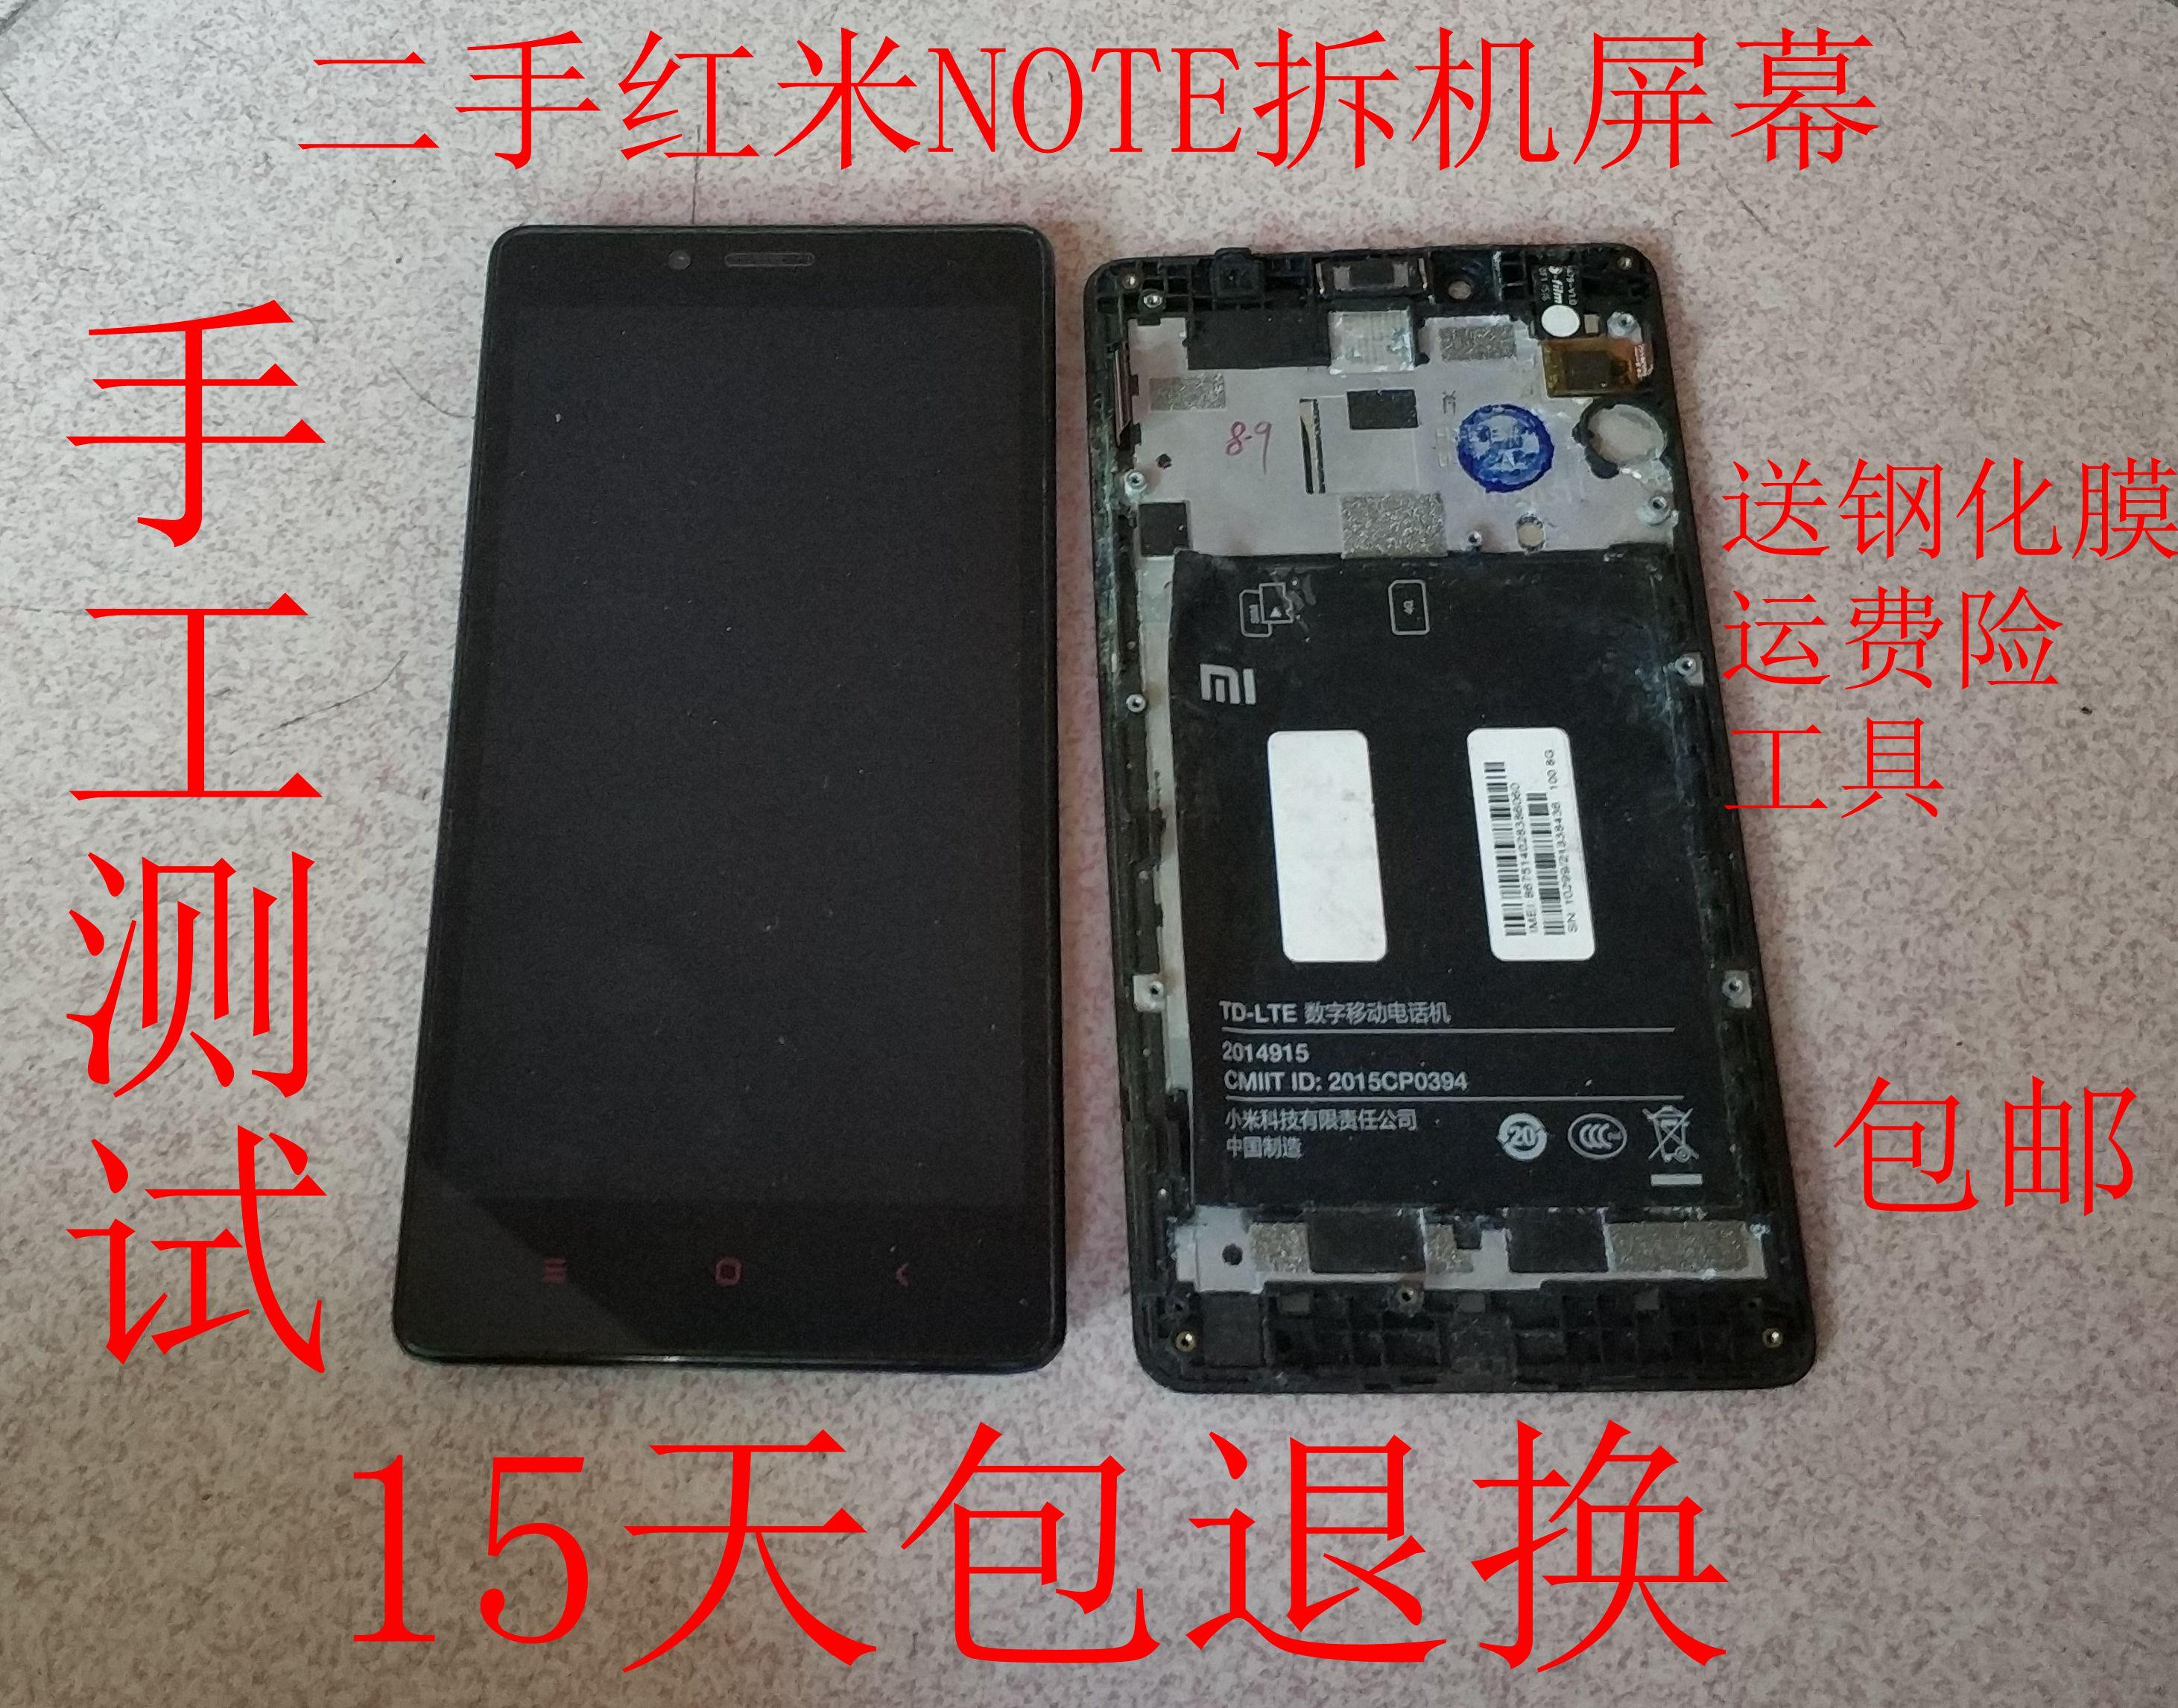 miui/小米红米NOTE4G3G单双卡液晶显示屏内外5.5屏幕总成